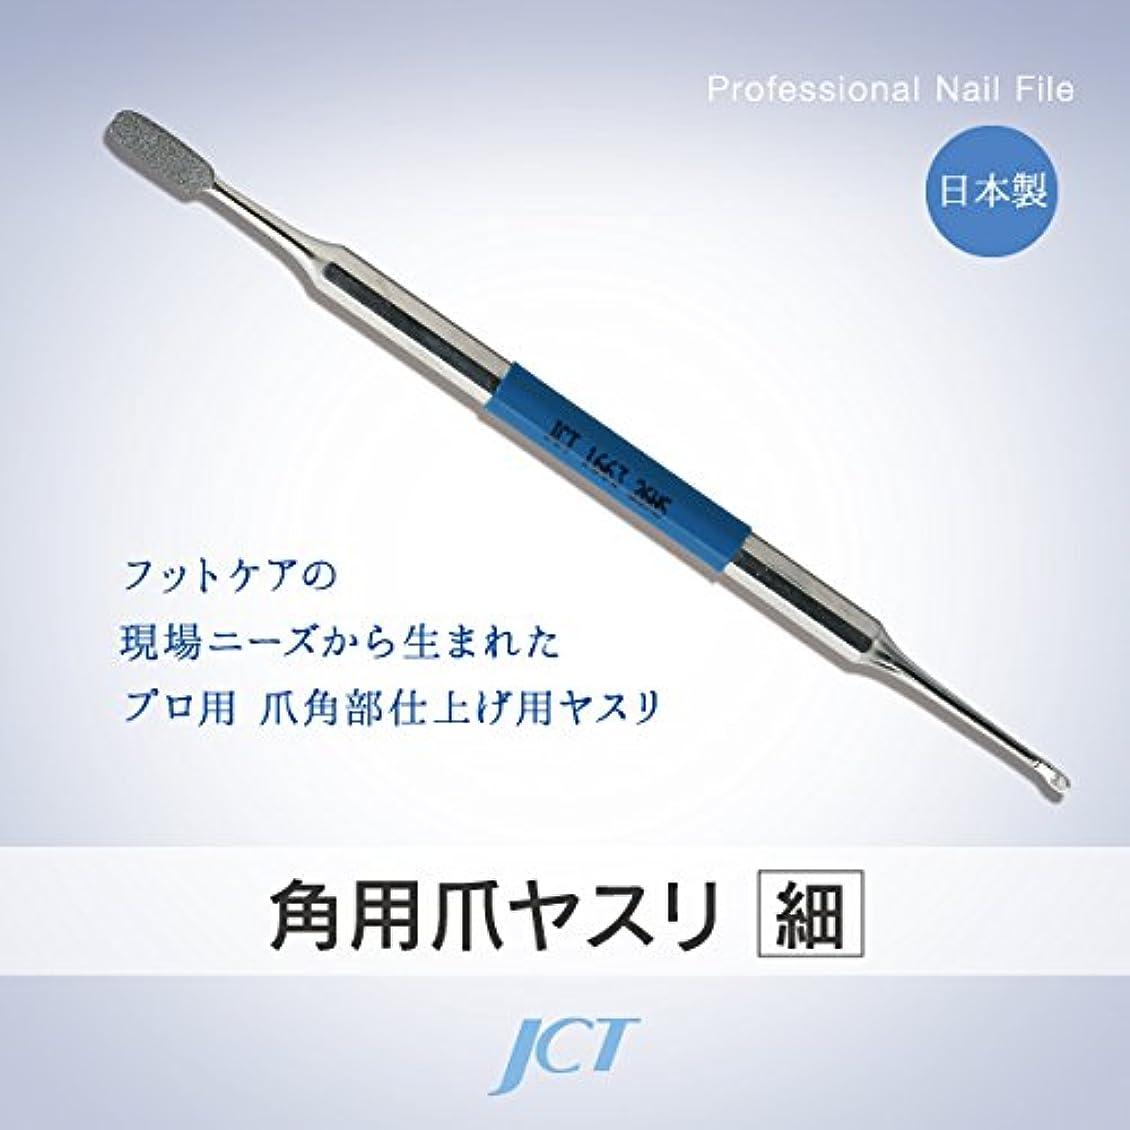 少数速記ペーストJCT メディカル フットケア ダイヤモンド角用爪ヤスリ(細) 滅菌可 日本製 1年間保証付